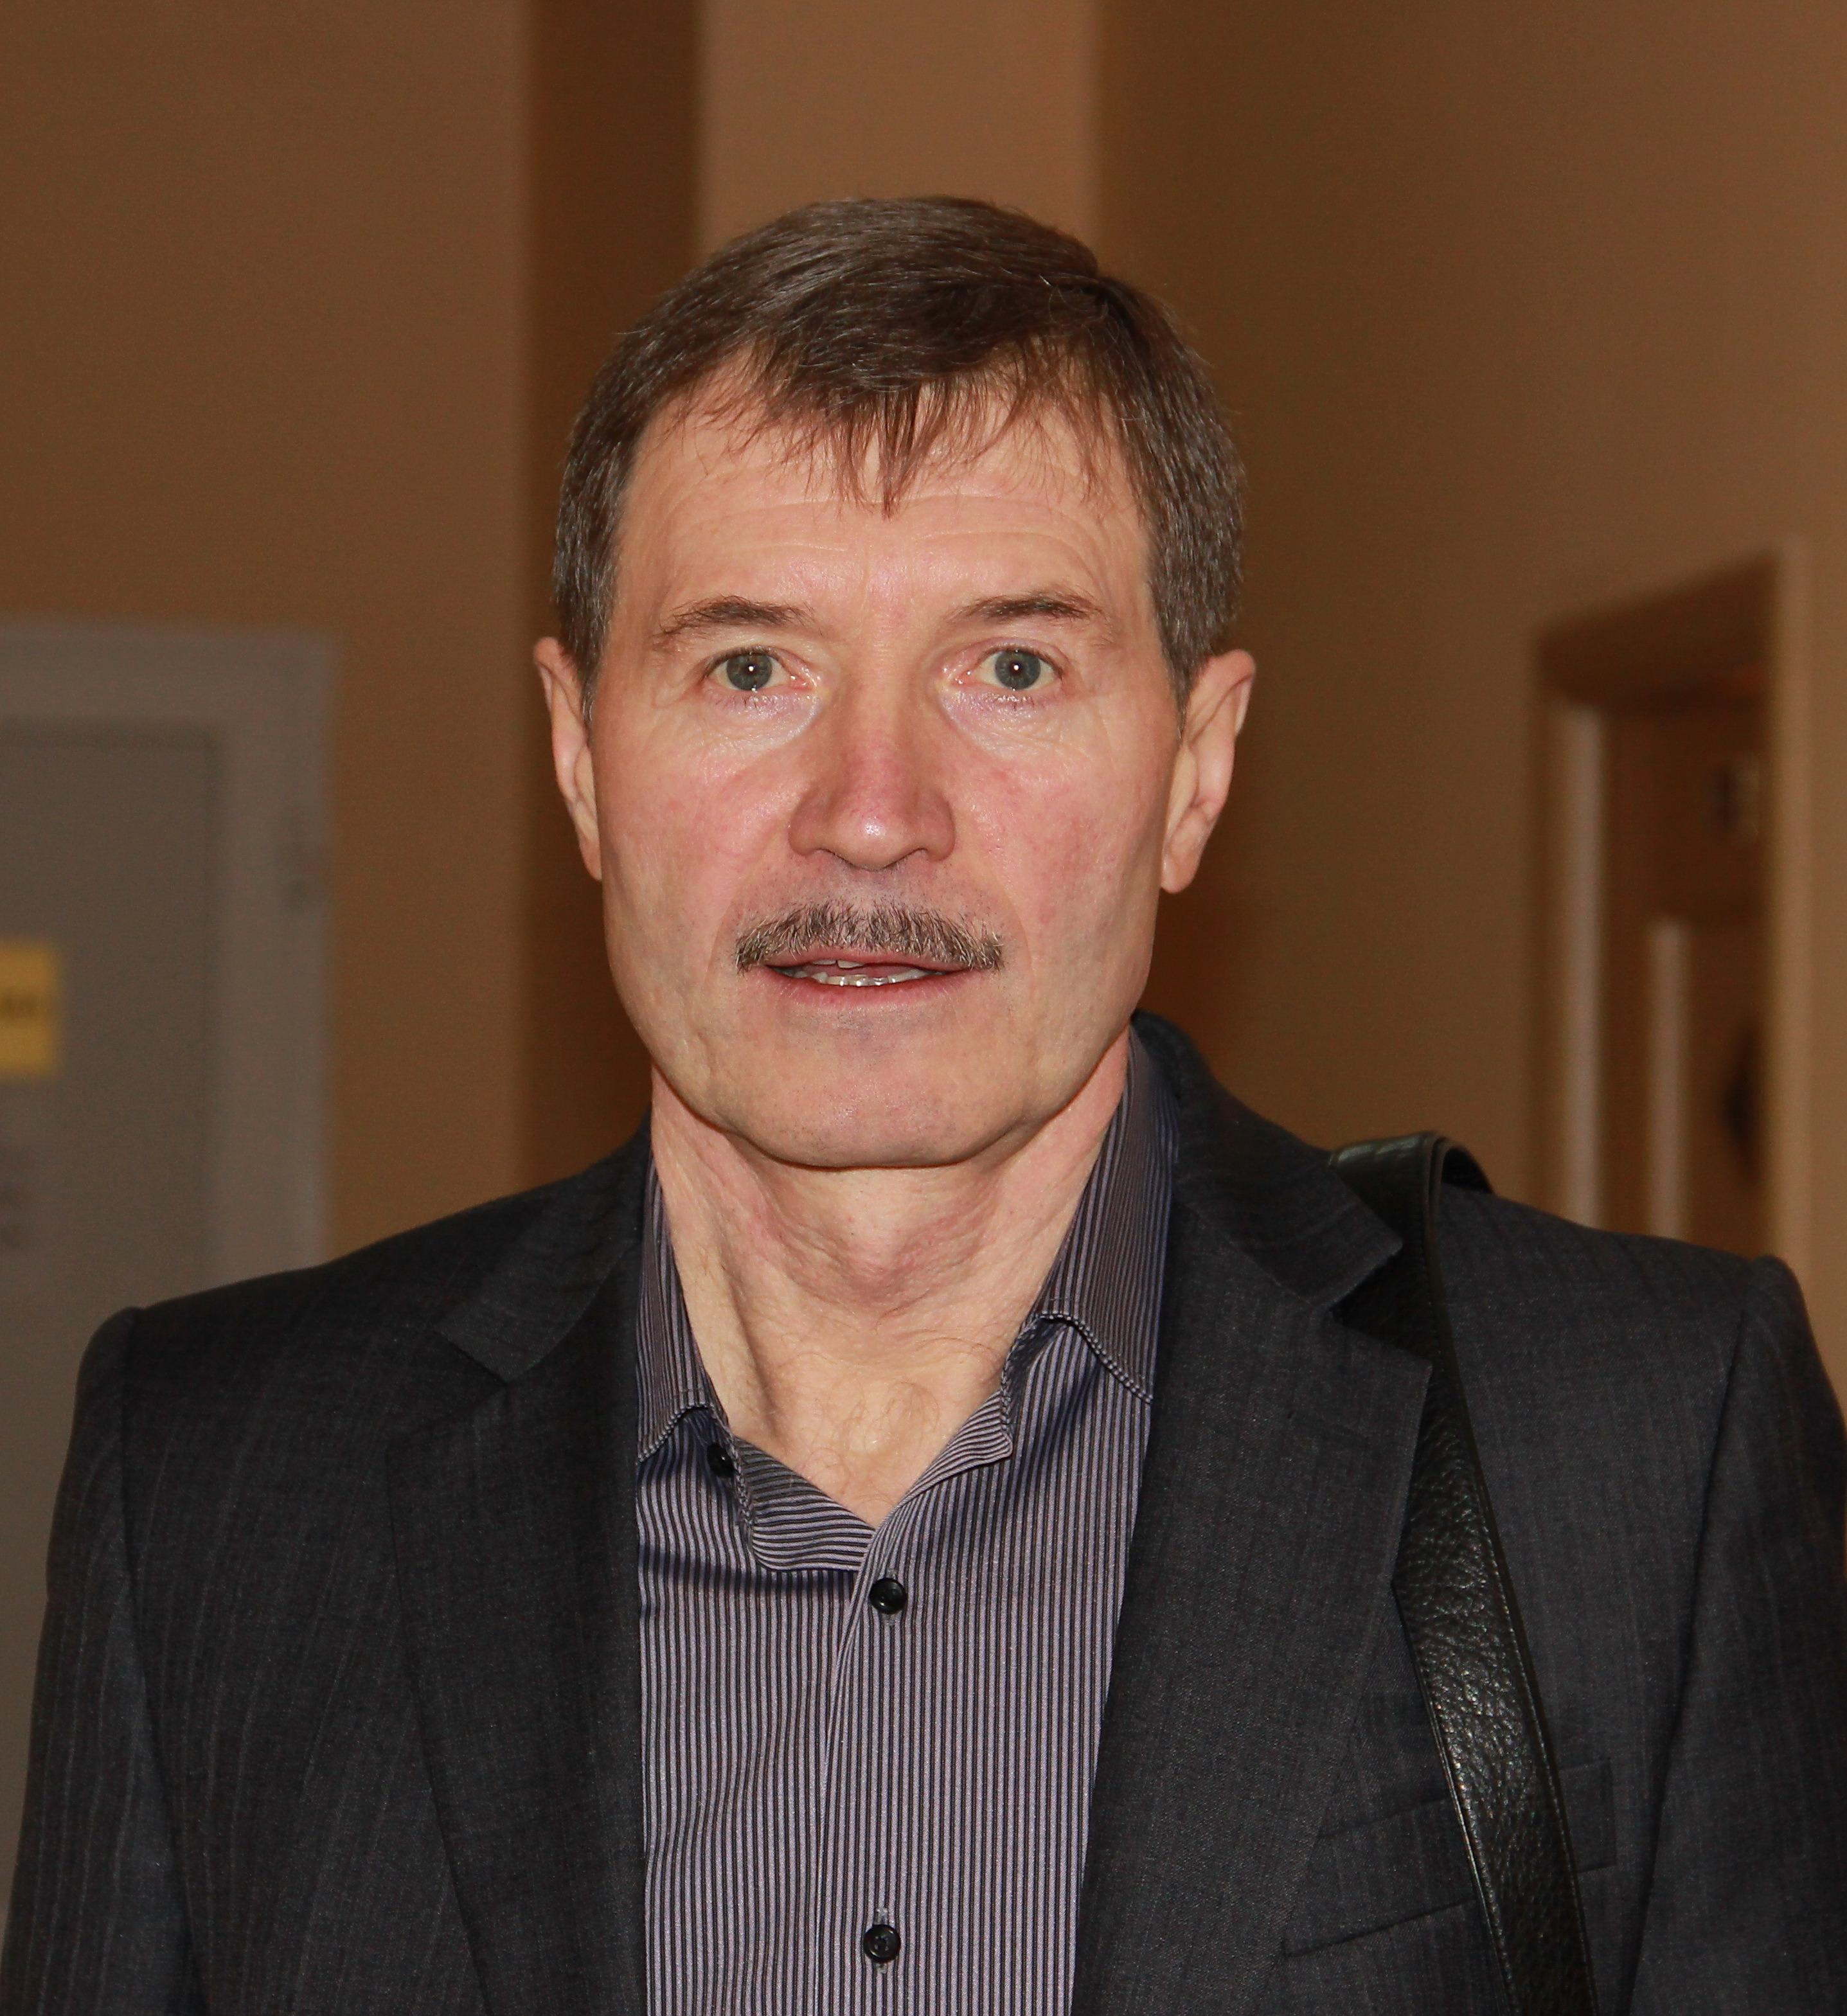 маршал соколовский википедия